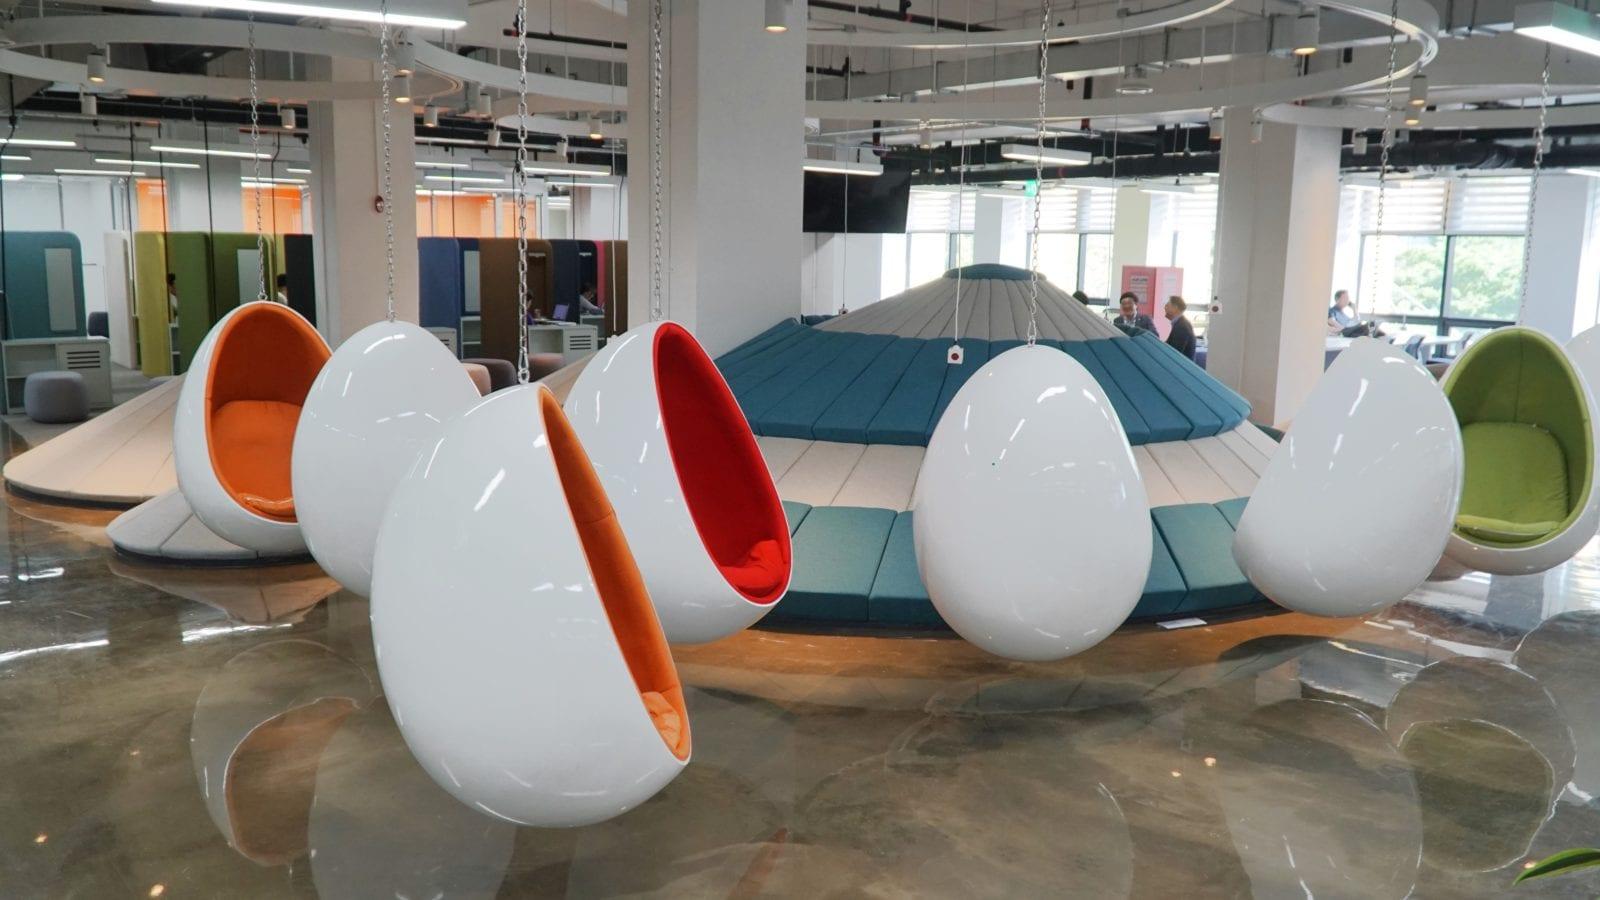 Septième arrêt : Une touche colorée - Seoul Startup Hub